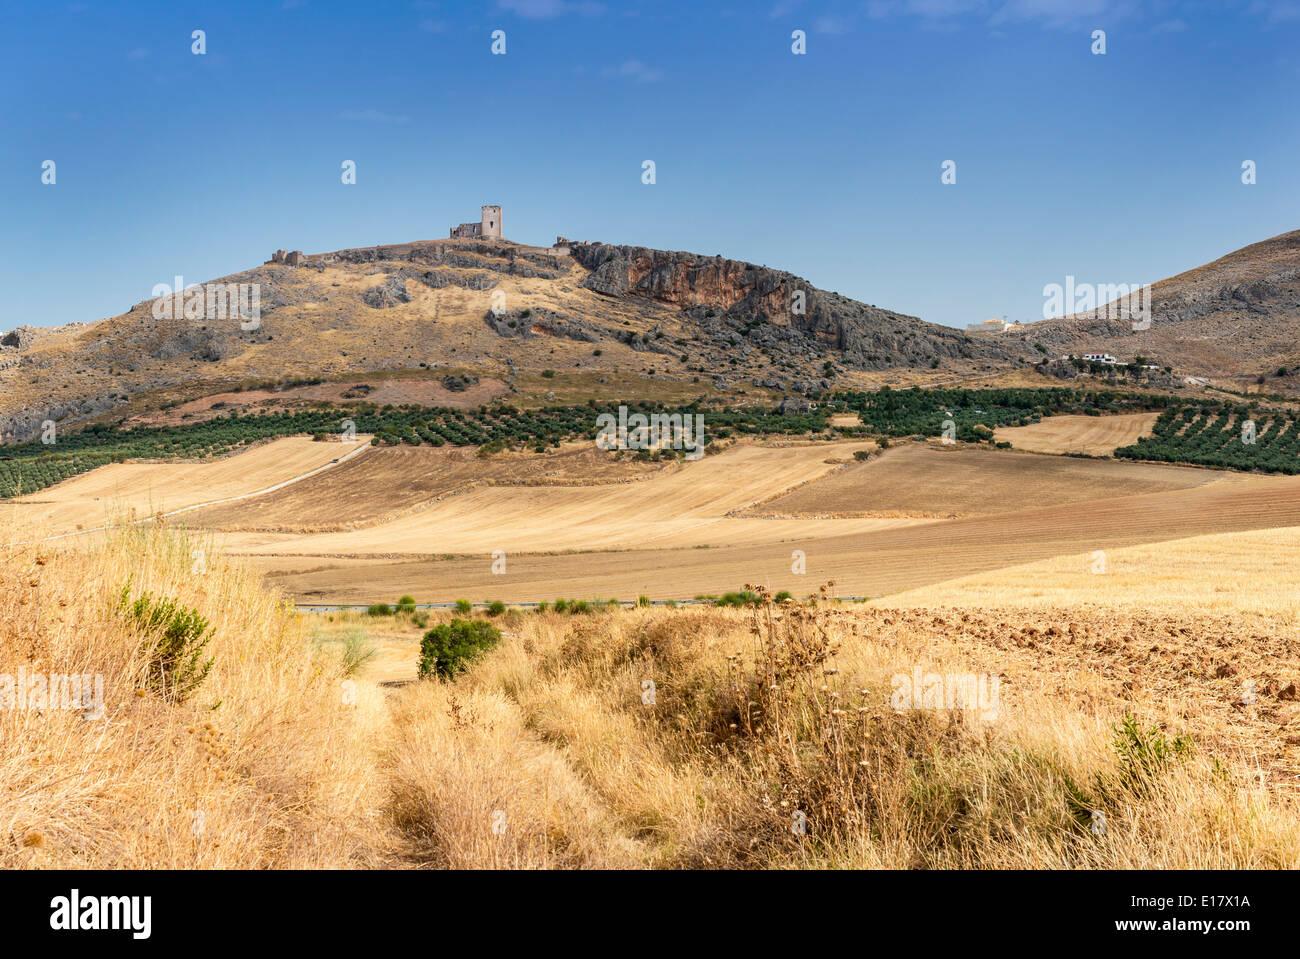 Il castello di Teba Provincia di Malaga Andalusia Spagna Foto Stock